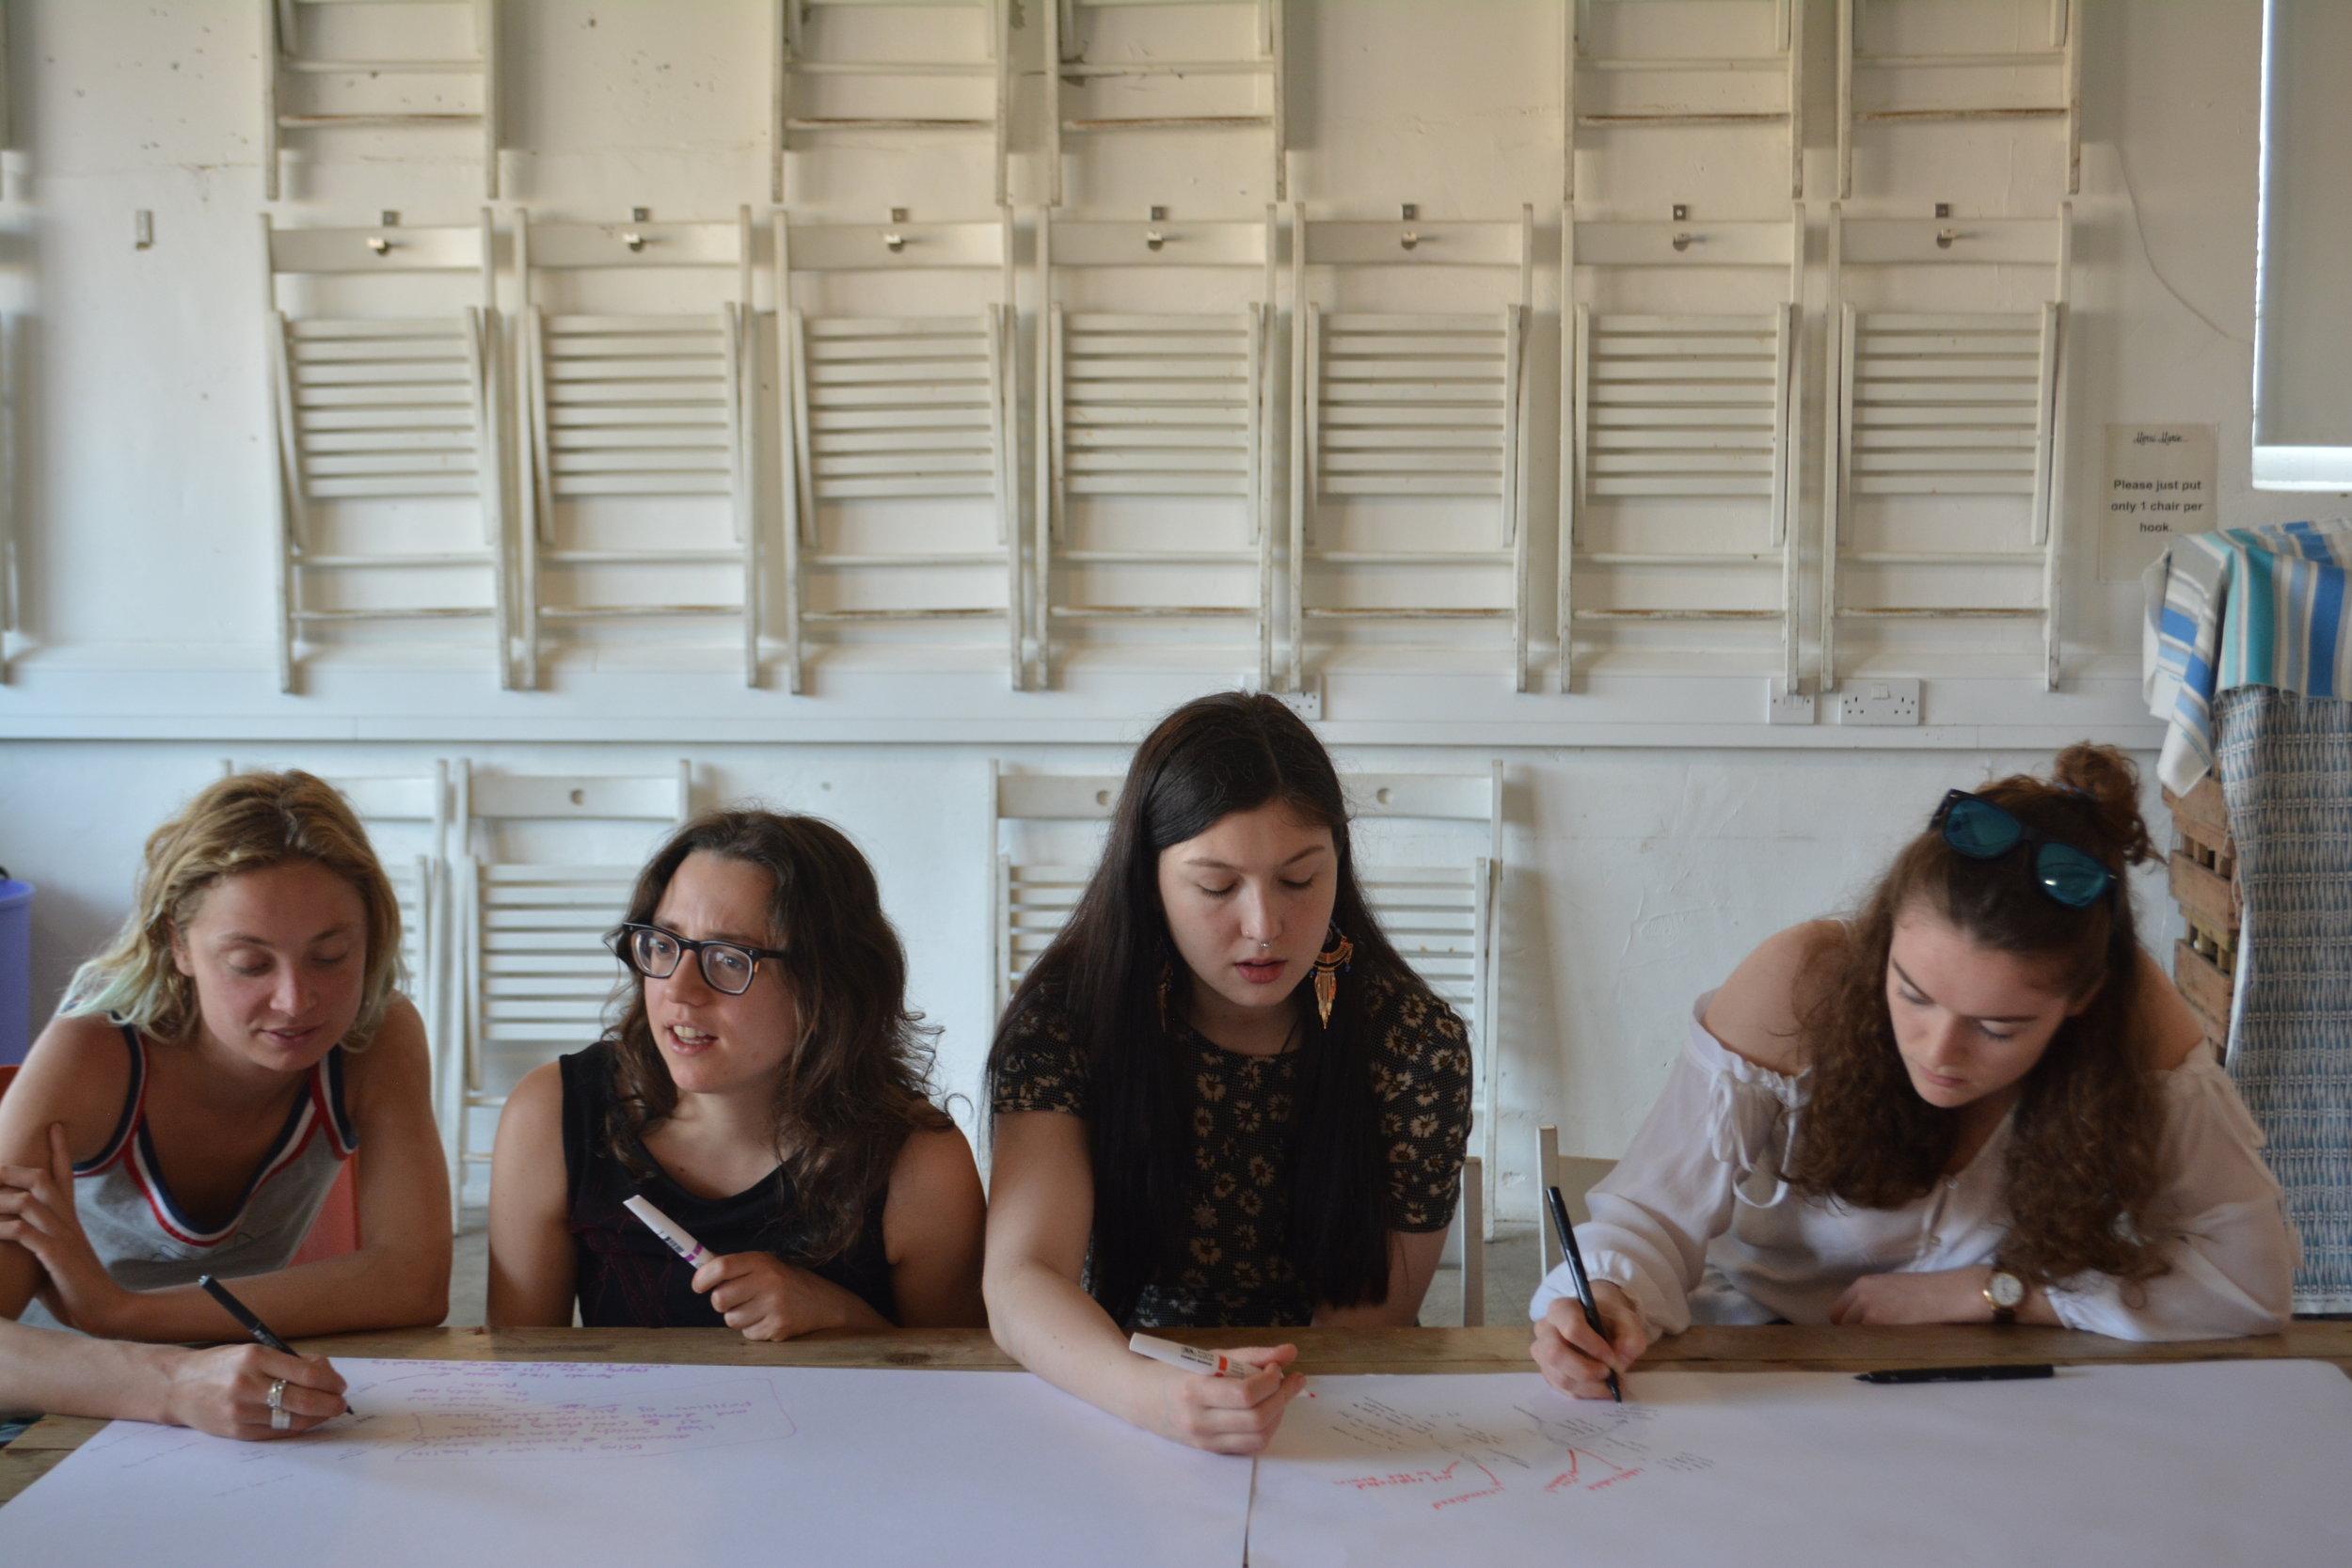 GIRLS IN A LINE.JPG